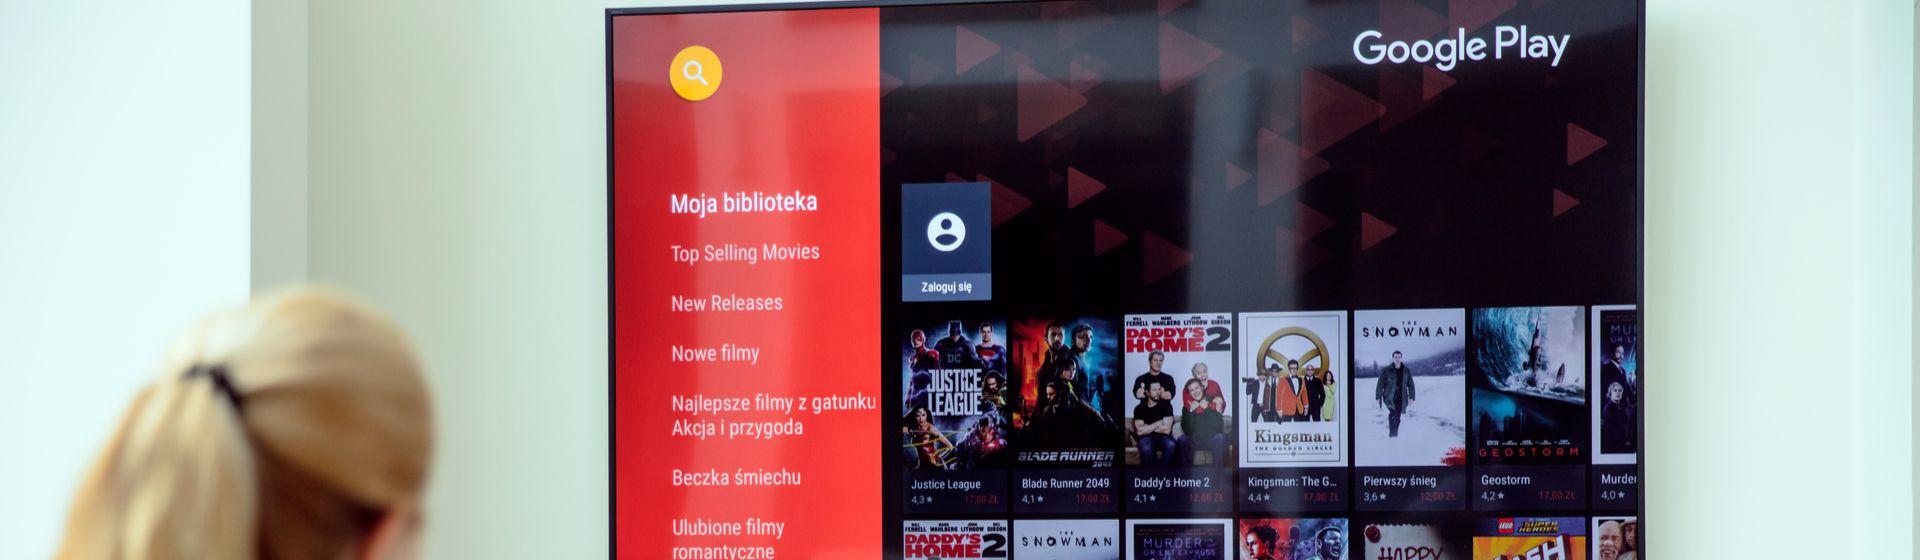 Google Play Filmes: o que é e como assistir na TV?